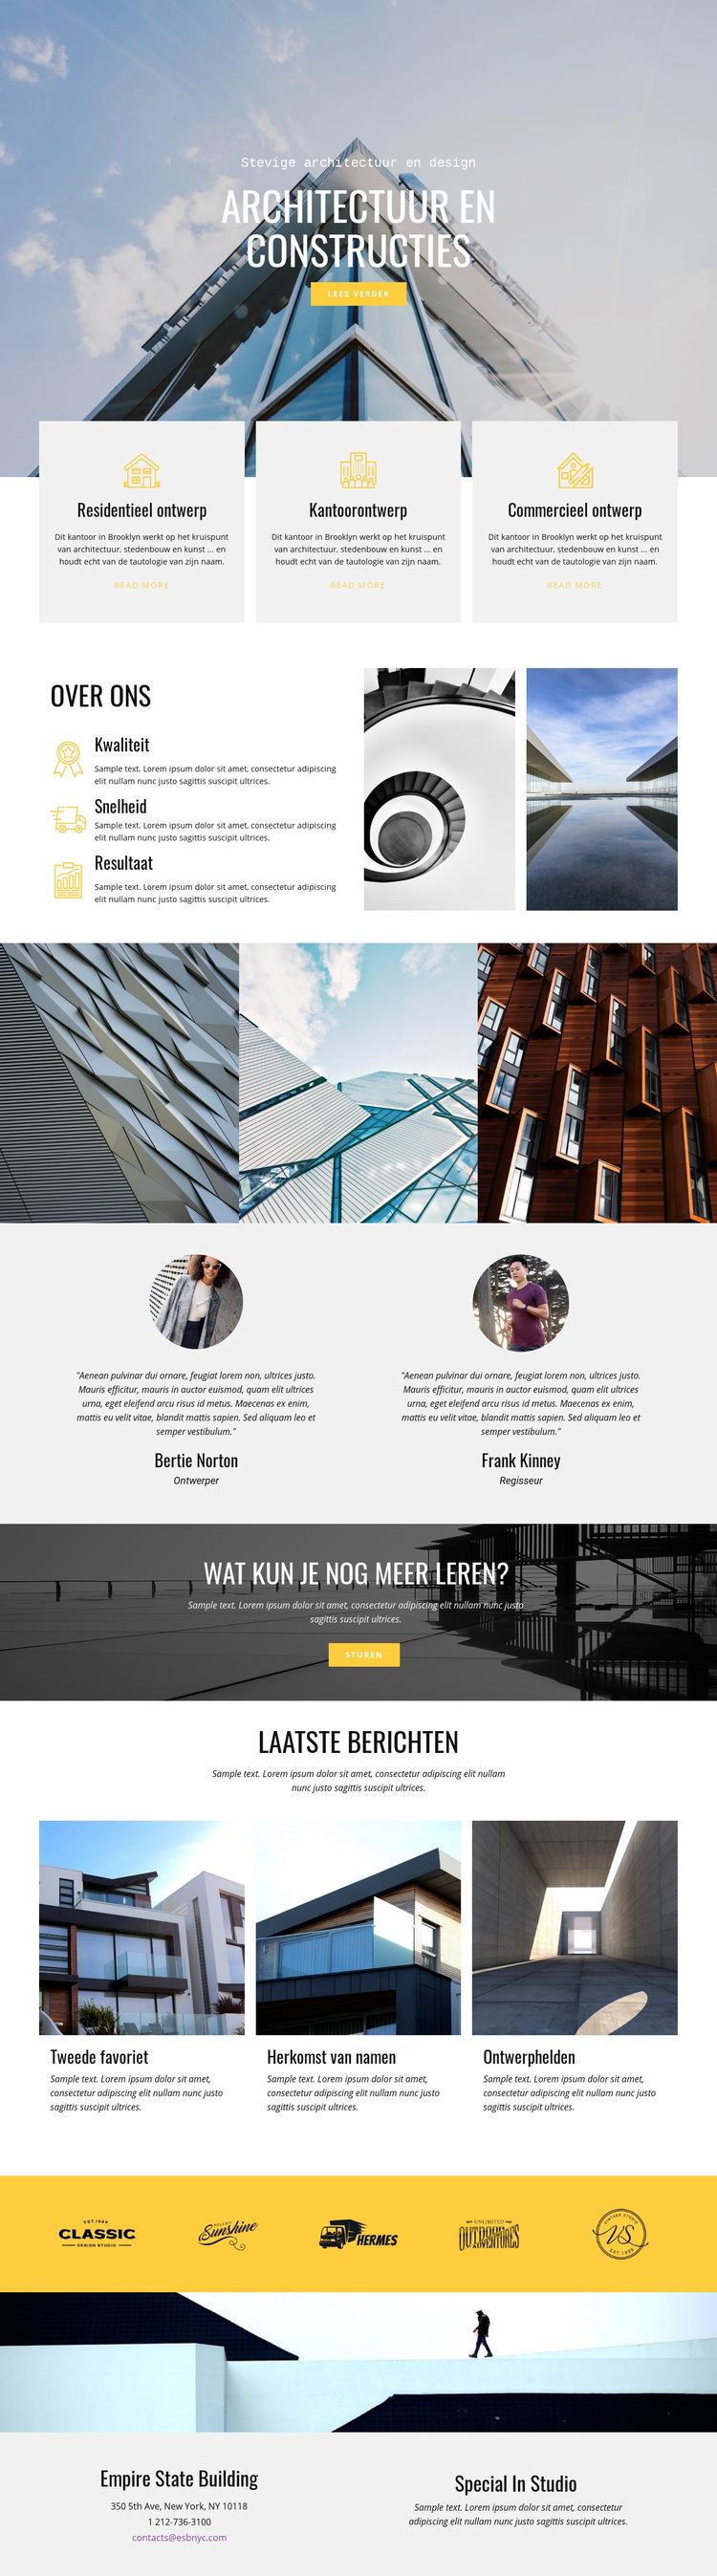 Constructieve architectuur Website sjabloon